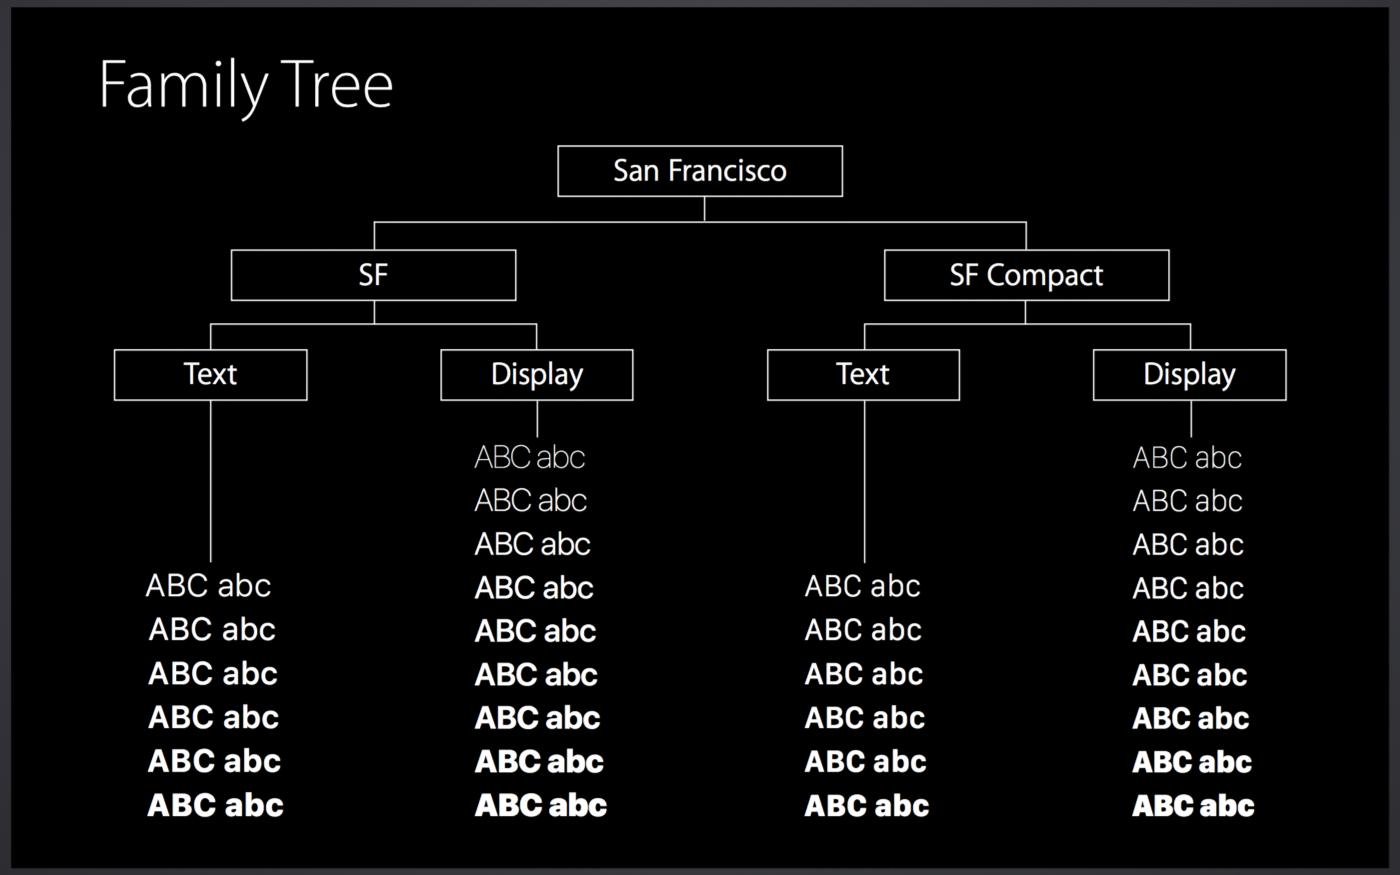 SanFrancisco Family tree